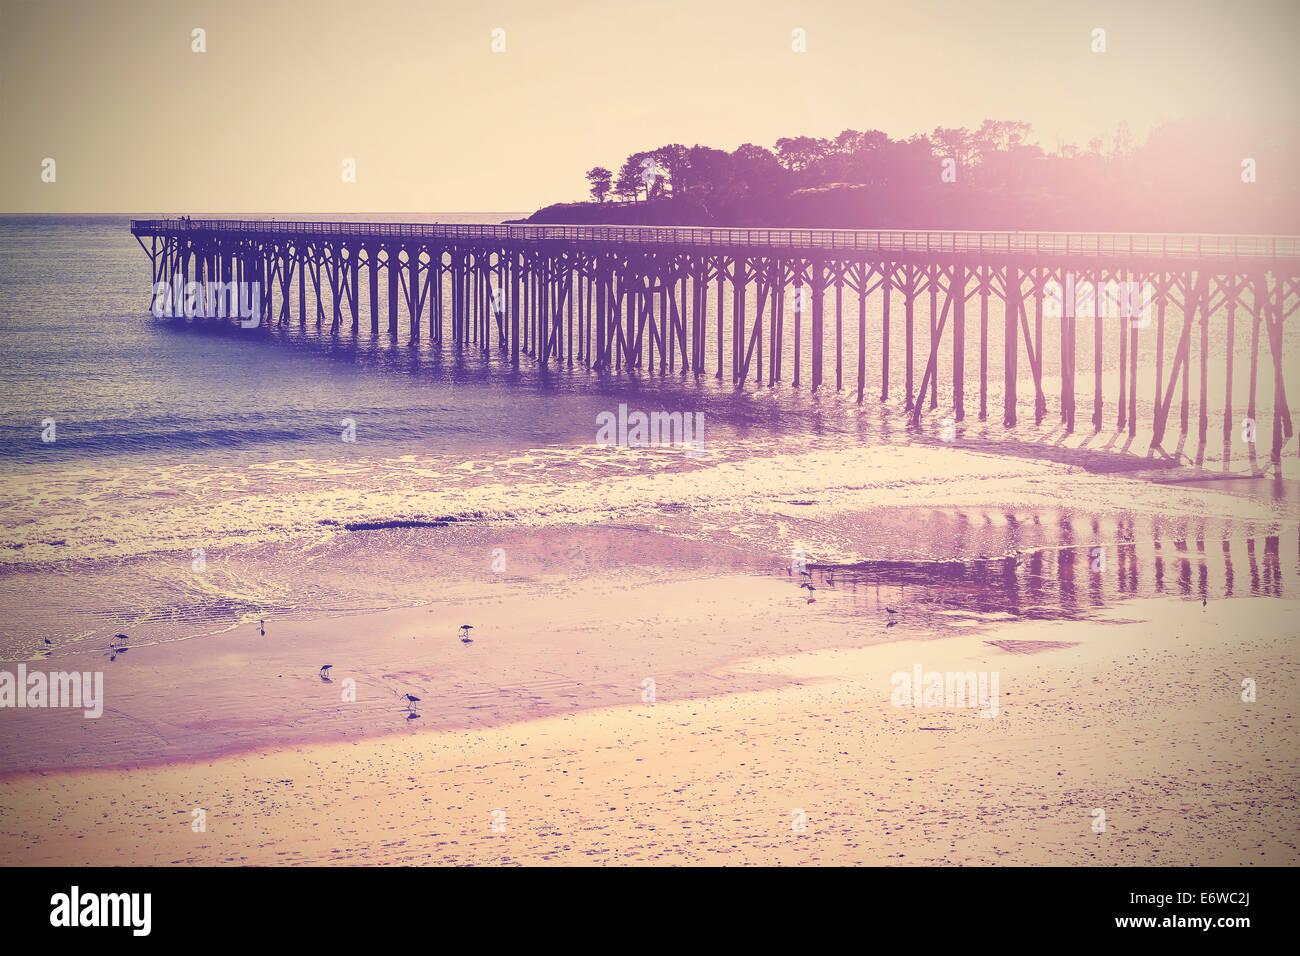 Vintage ponte di legno in spiaggia al tramonto, California, USA. Immagini Stock